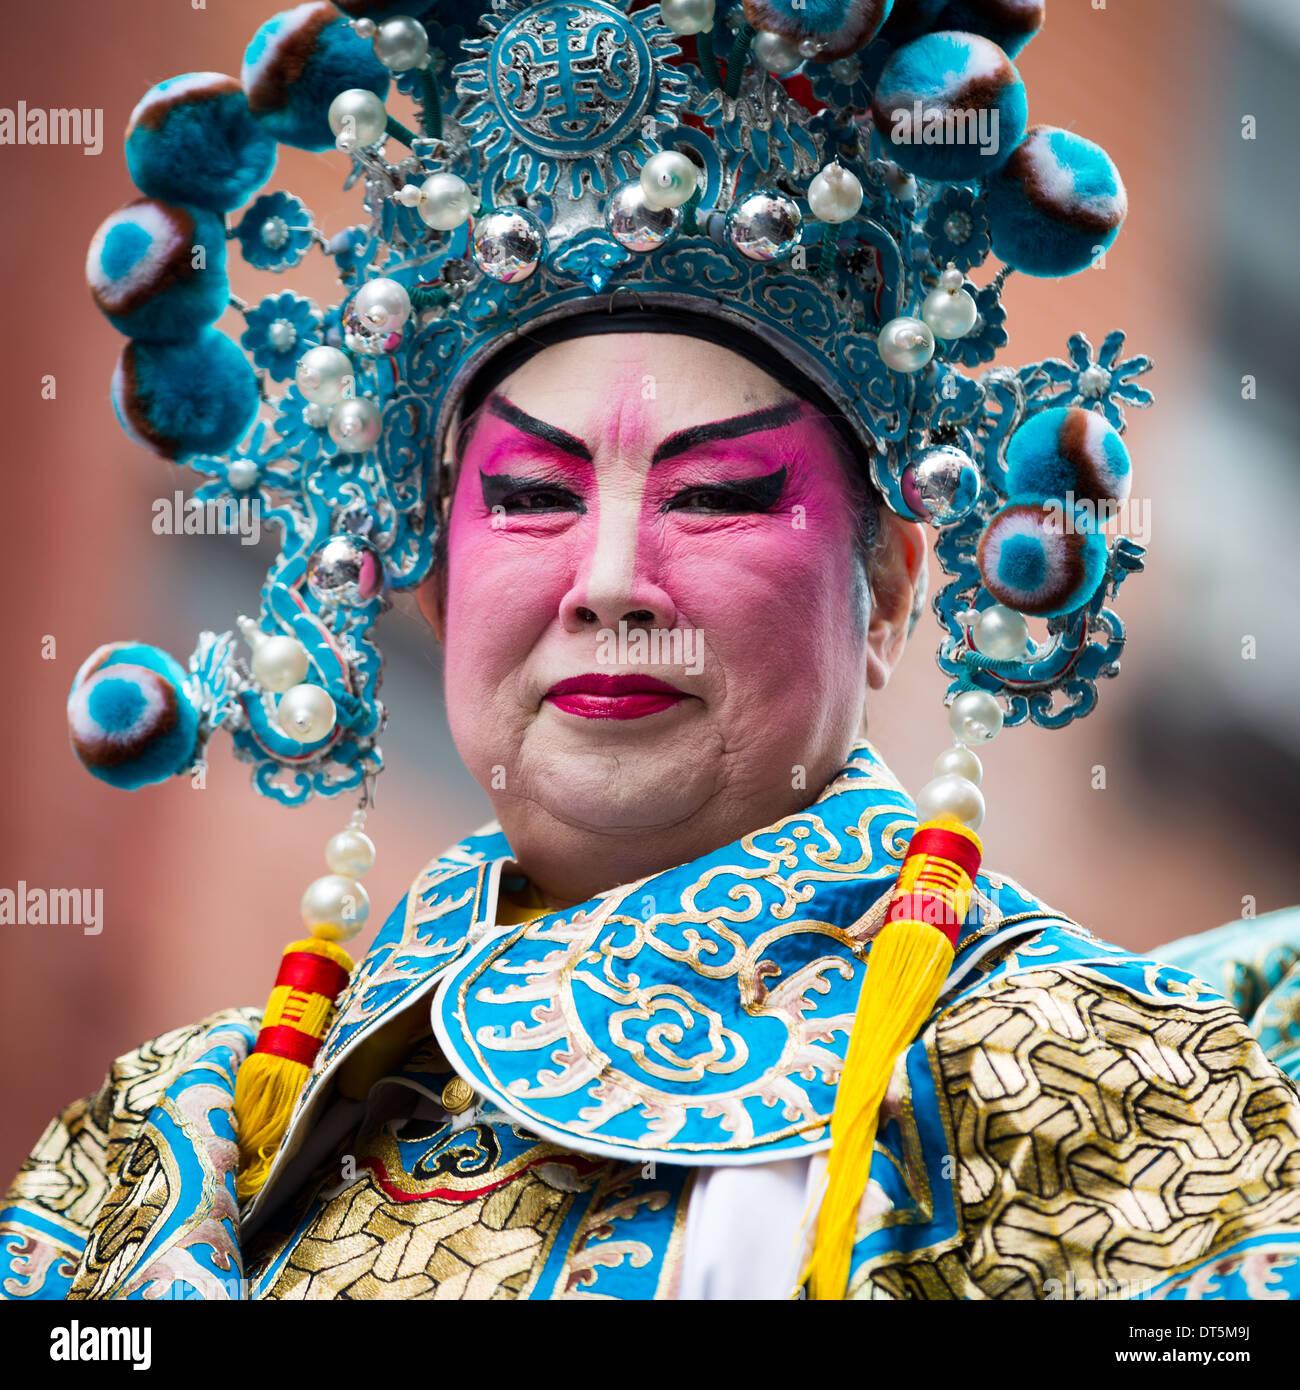 Orgulloso hombre chino vistiendo maquillaje desfiles en el Festival de Año Nuevo Lunar en Chinatown. Foto de stock